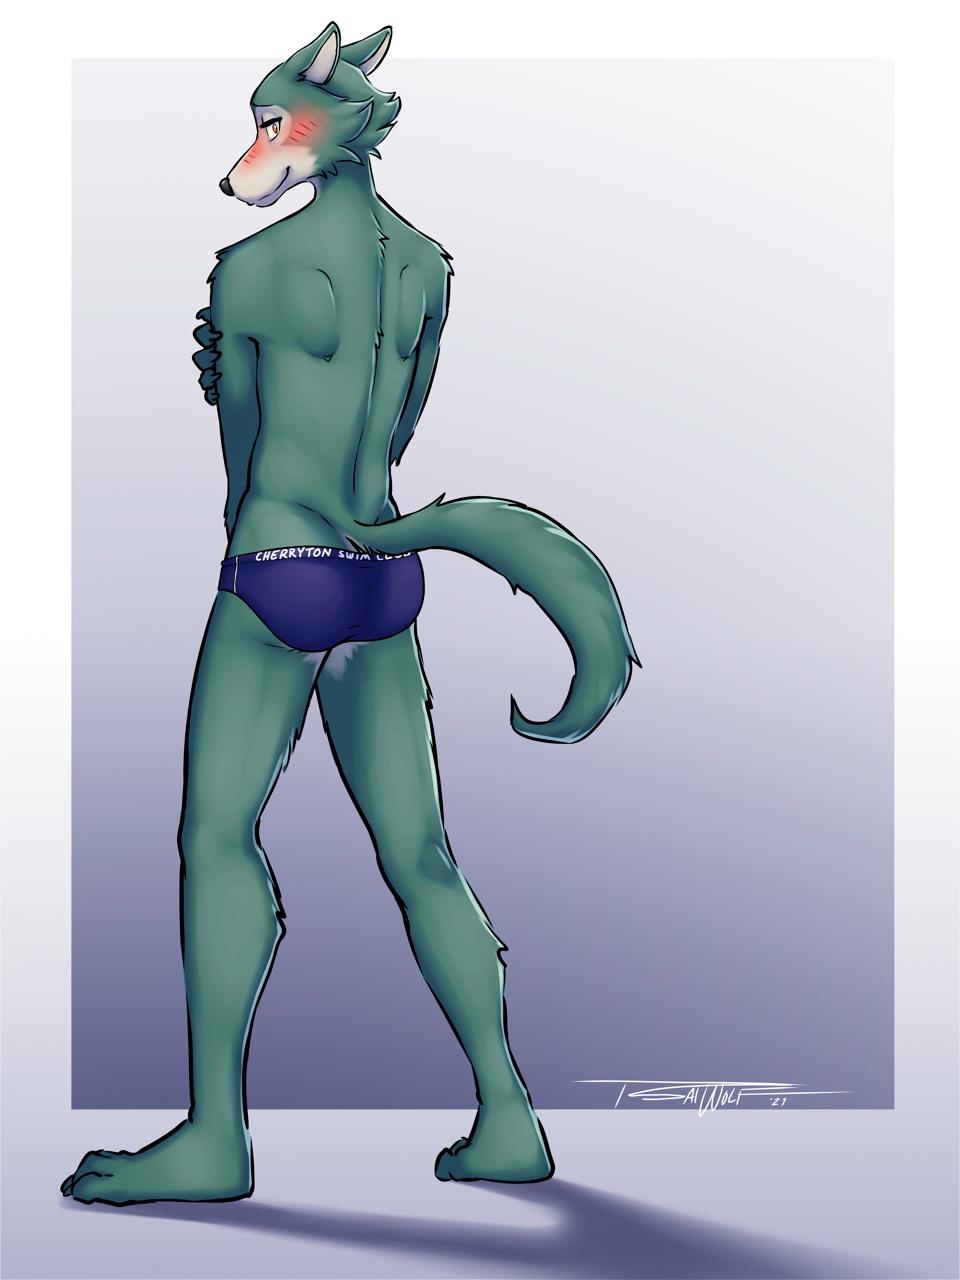 Tsaiwolf2021-ShyLegoshi(speedo)LR